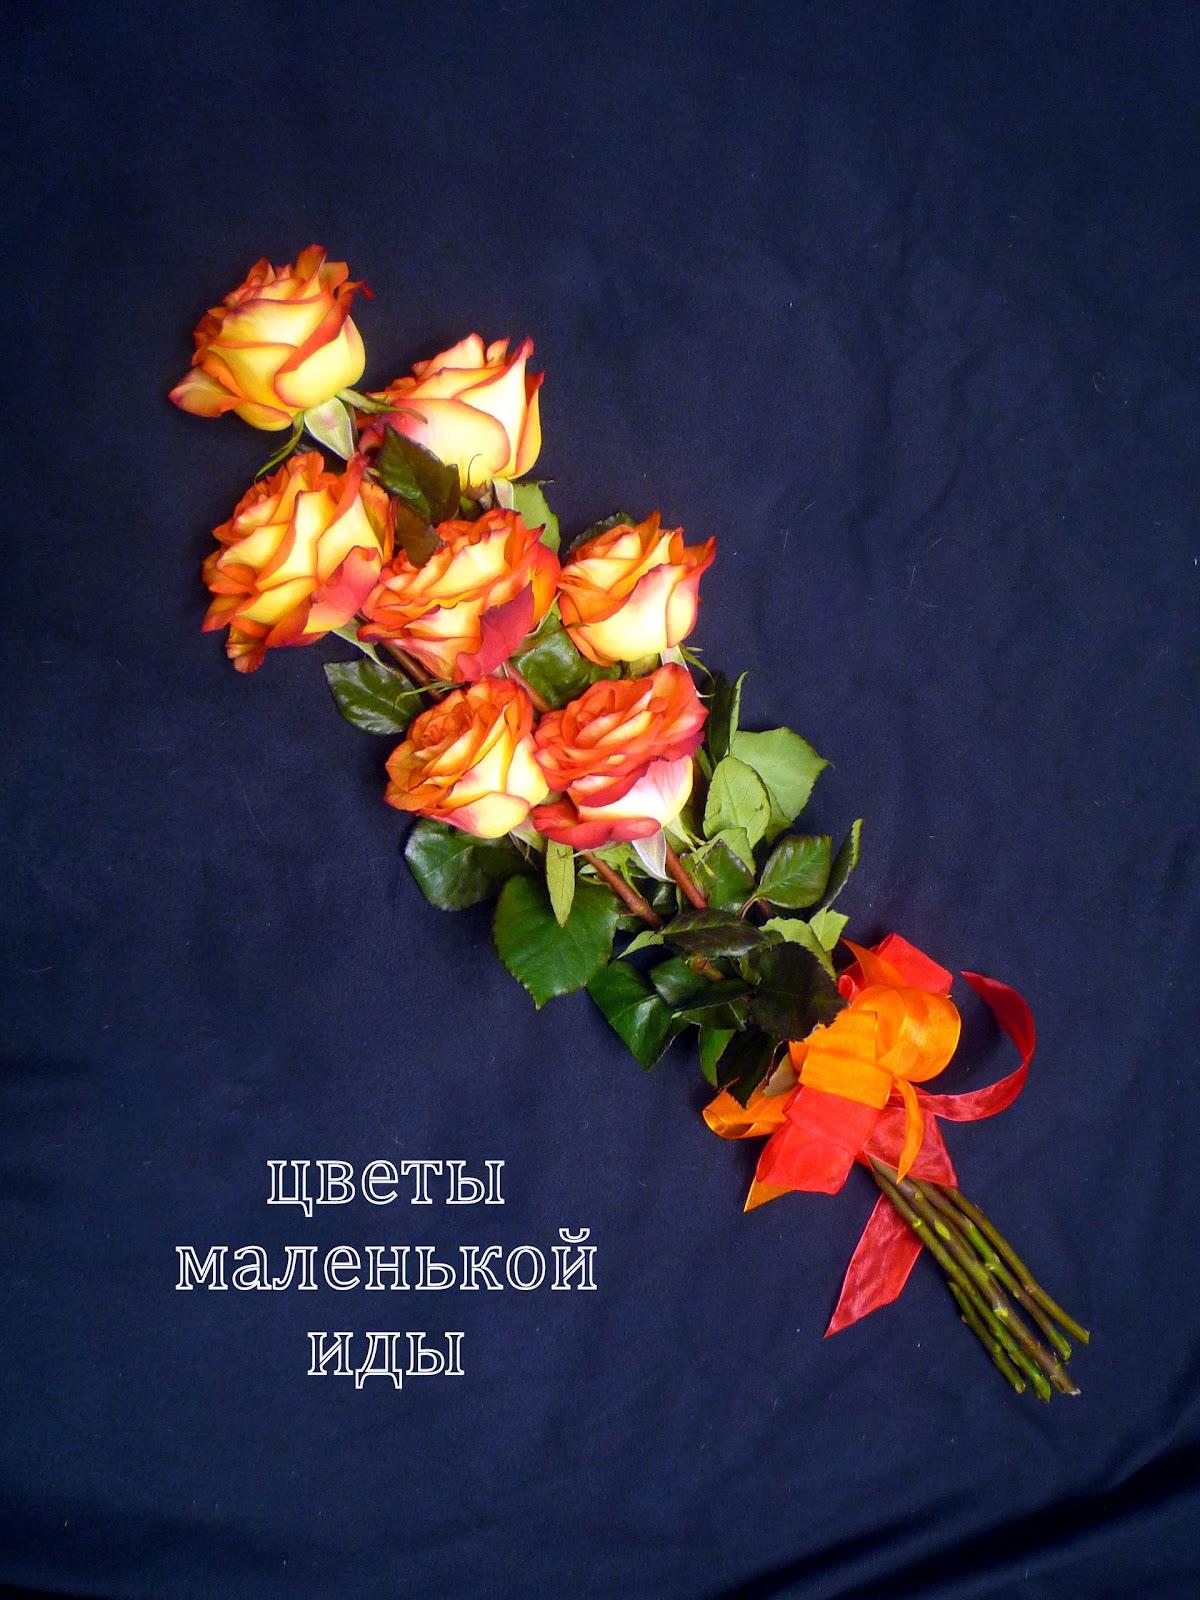 Цветы маленькой иды фото